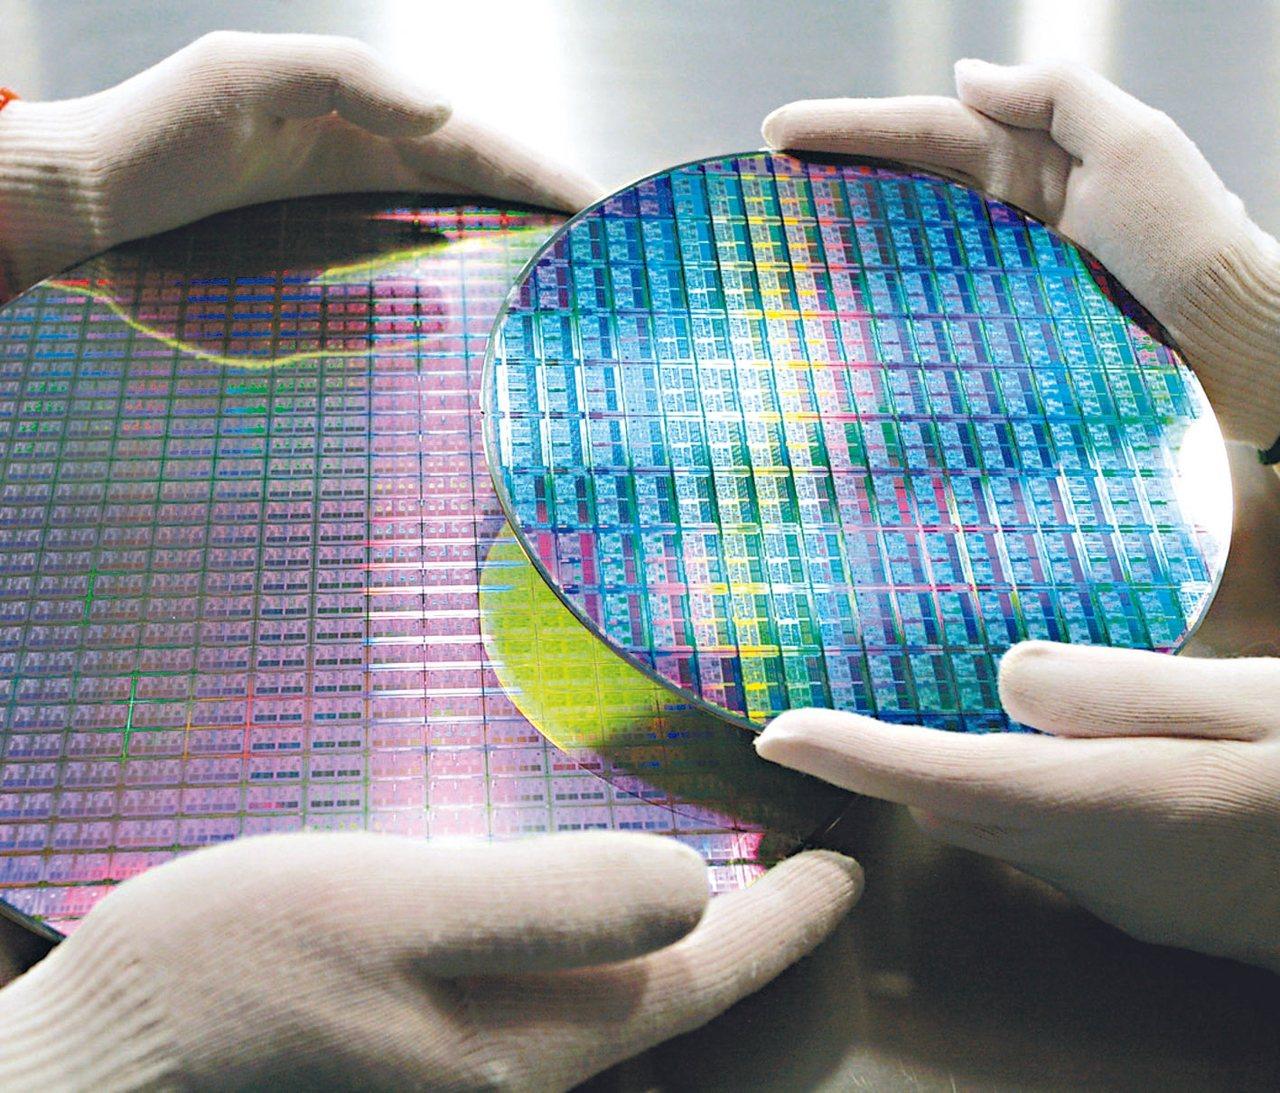 華為加速自主研發手機、AI等晶片,台積電在7、5奈米良率及製程技術領先,看好通吃...